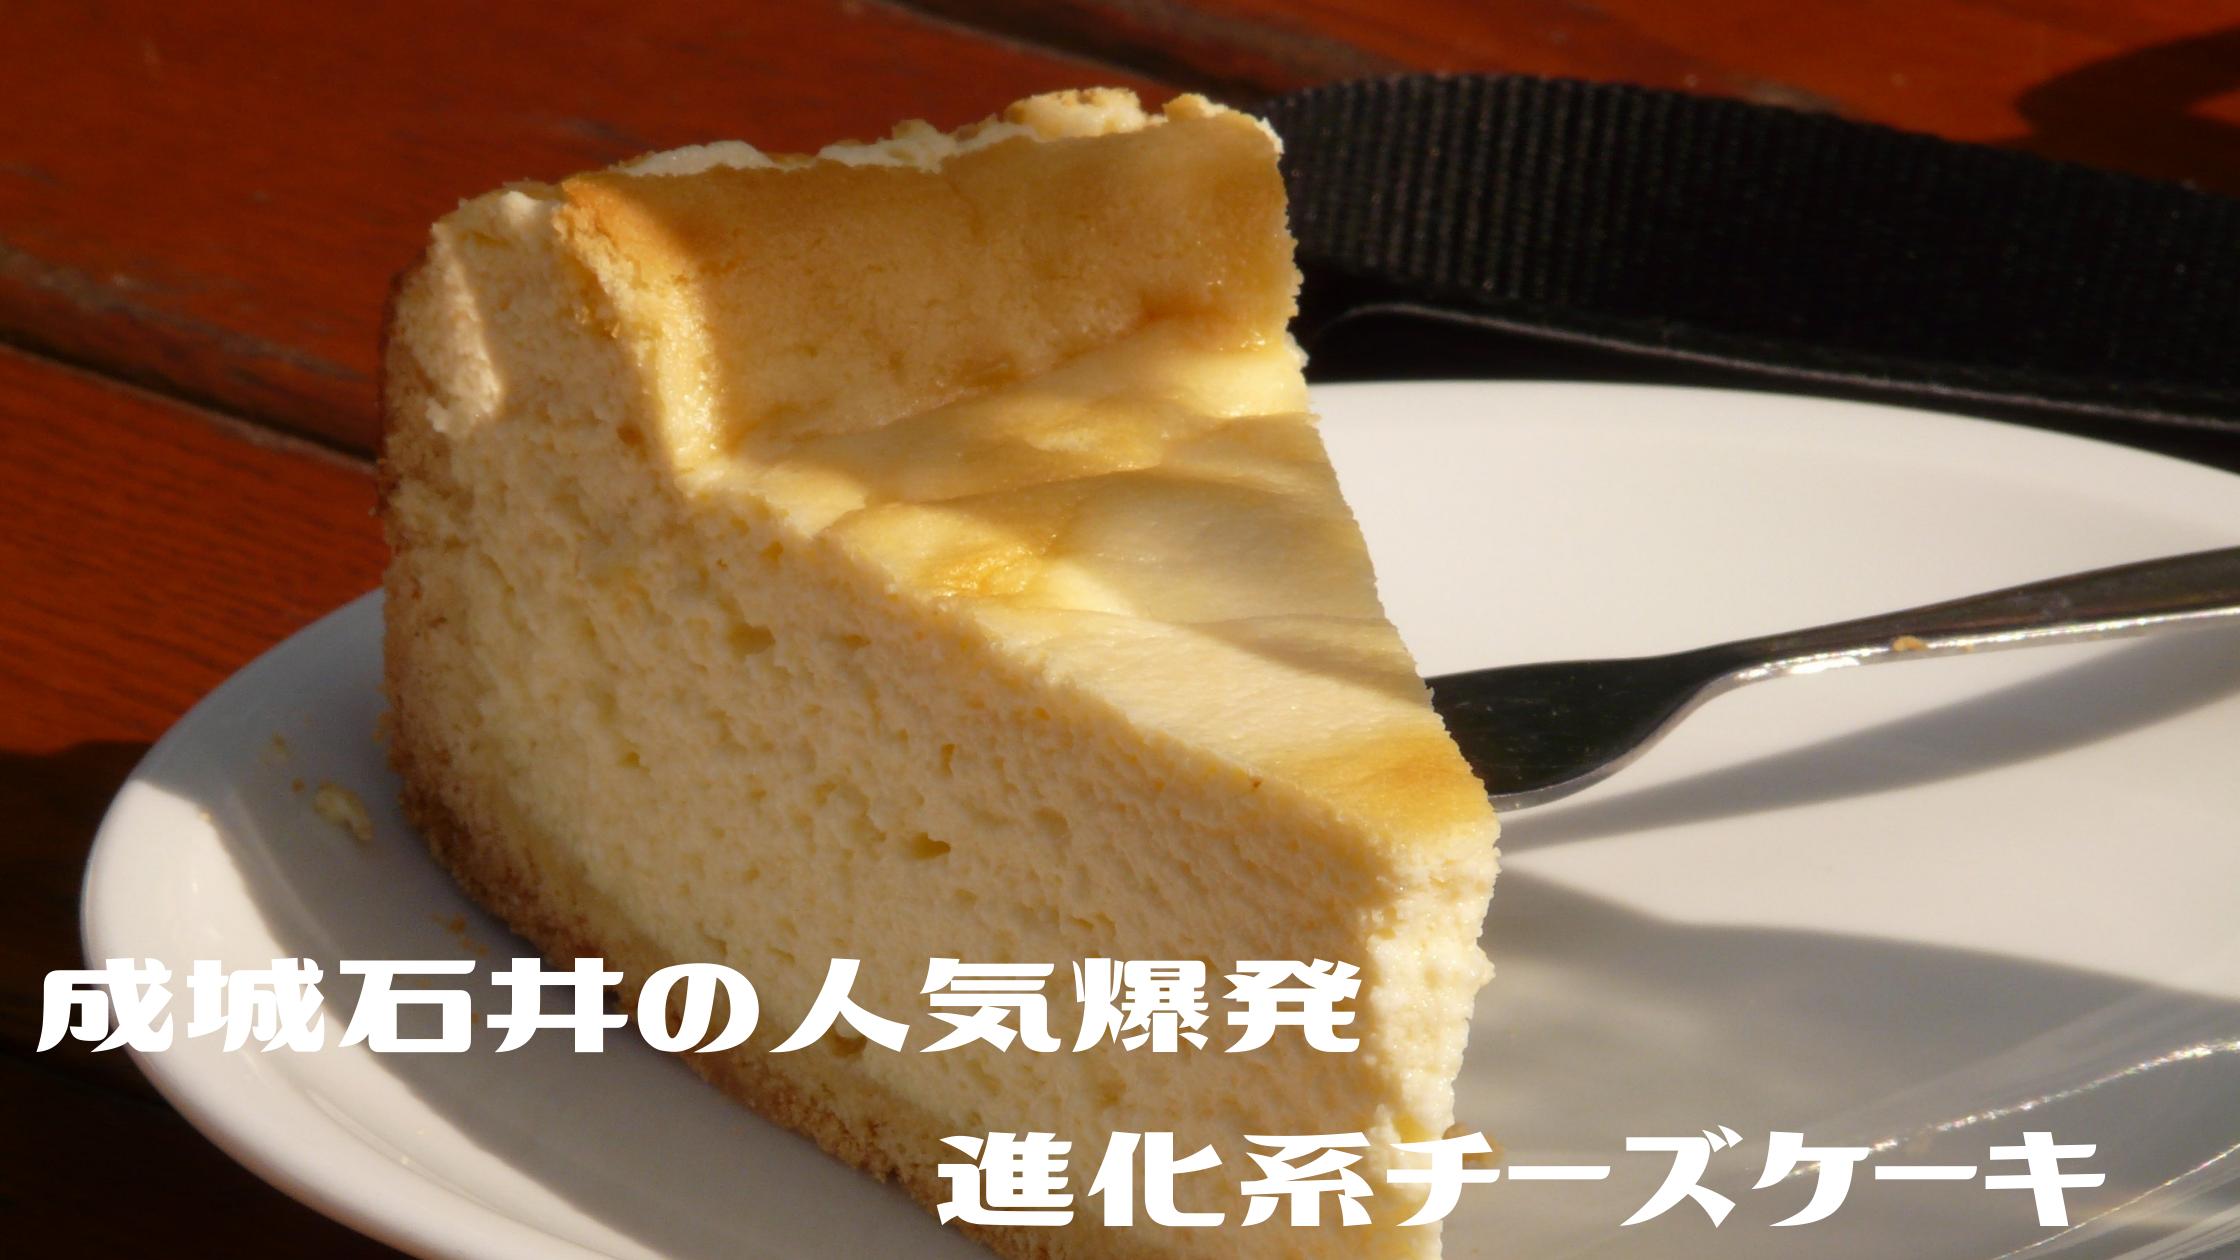 【シューイチ】成城石井『最優秀賞レモンのチーズケーキ』『マロンたっぷりチーズケーキ』リピーター続出